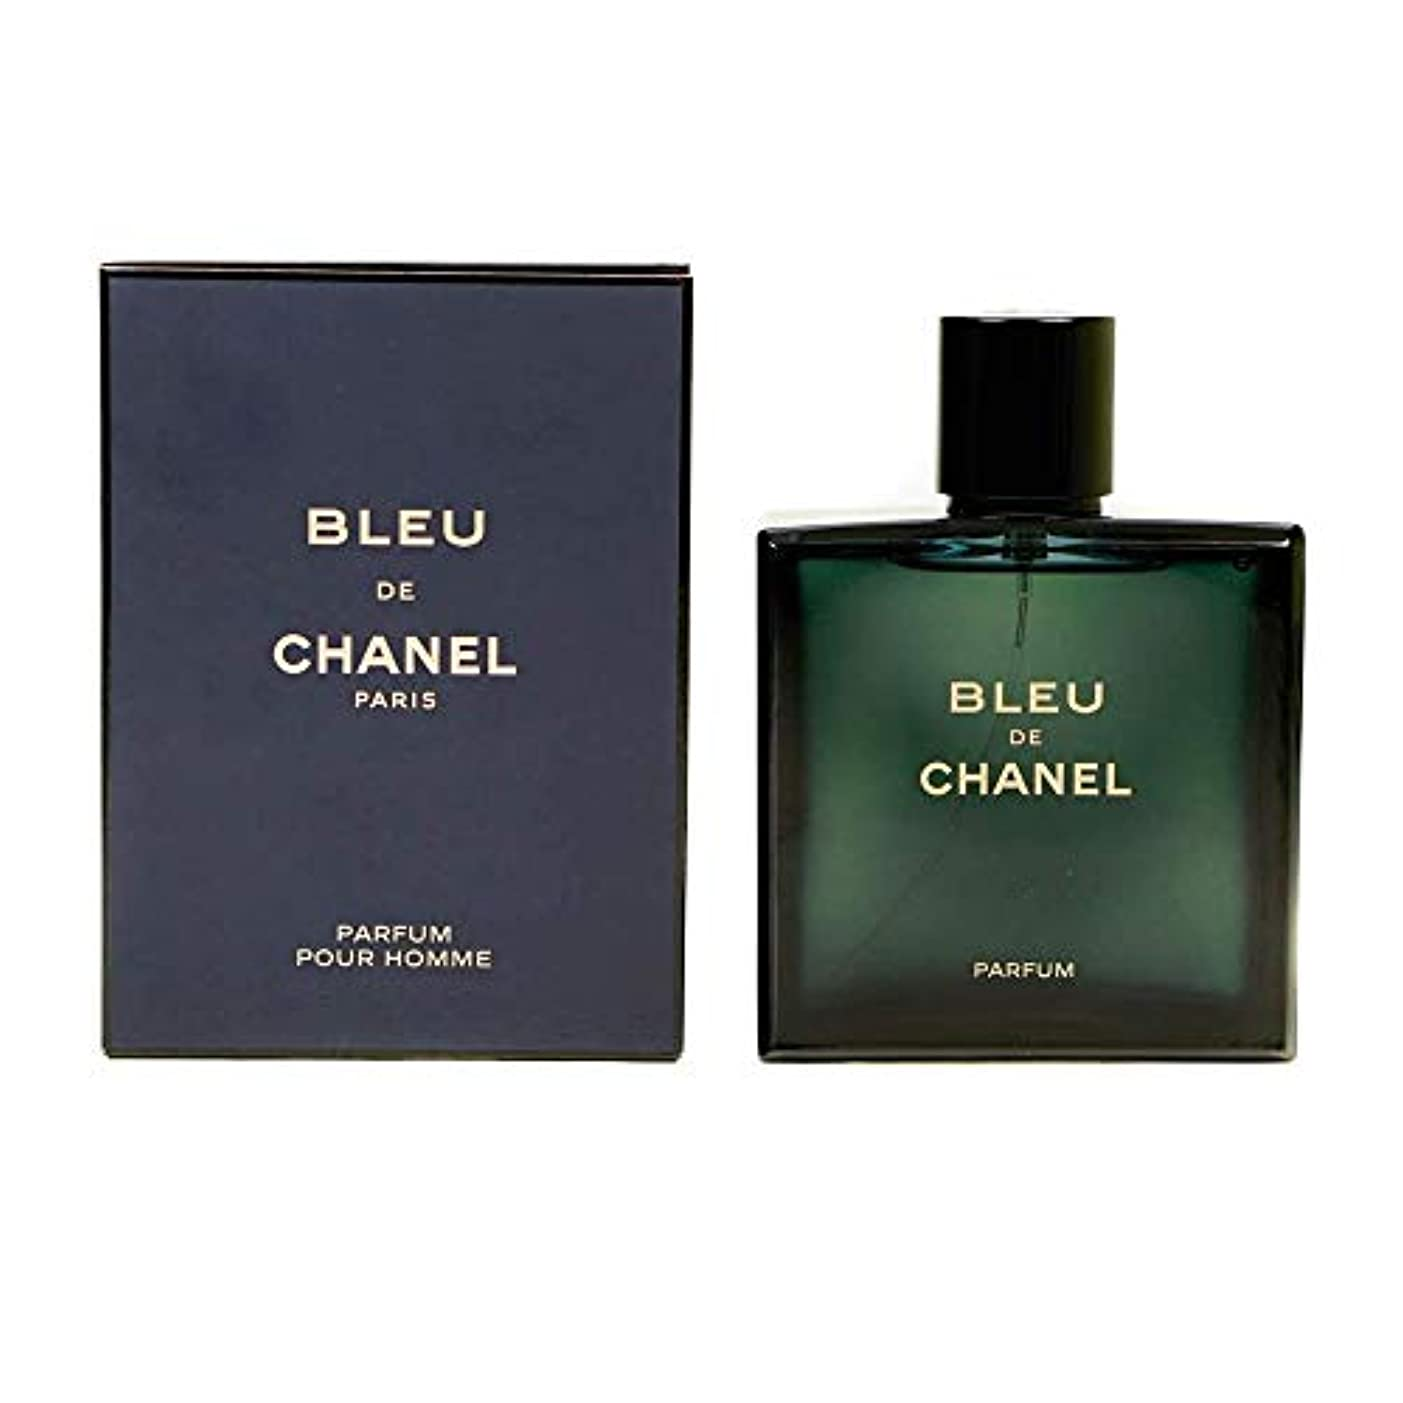 ブルームのぞき見シャネル CHANEL ブルー ドゥ シャネル パルファム 〔Parfum〕 100ml Pfm SP fs